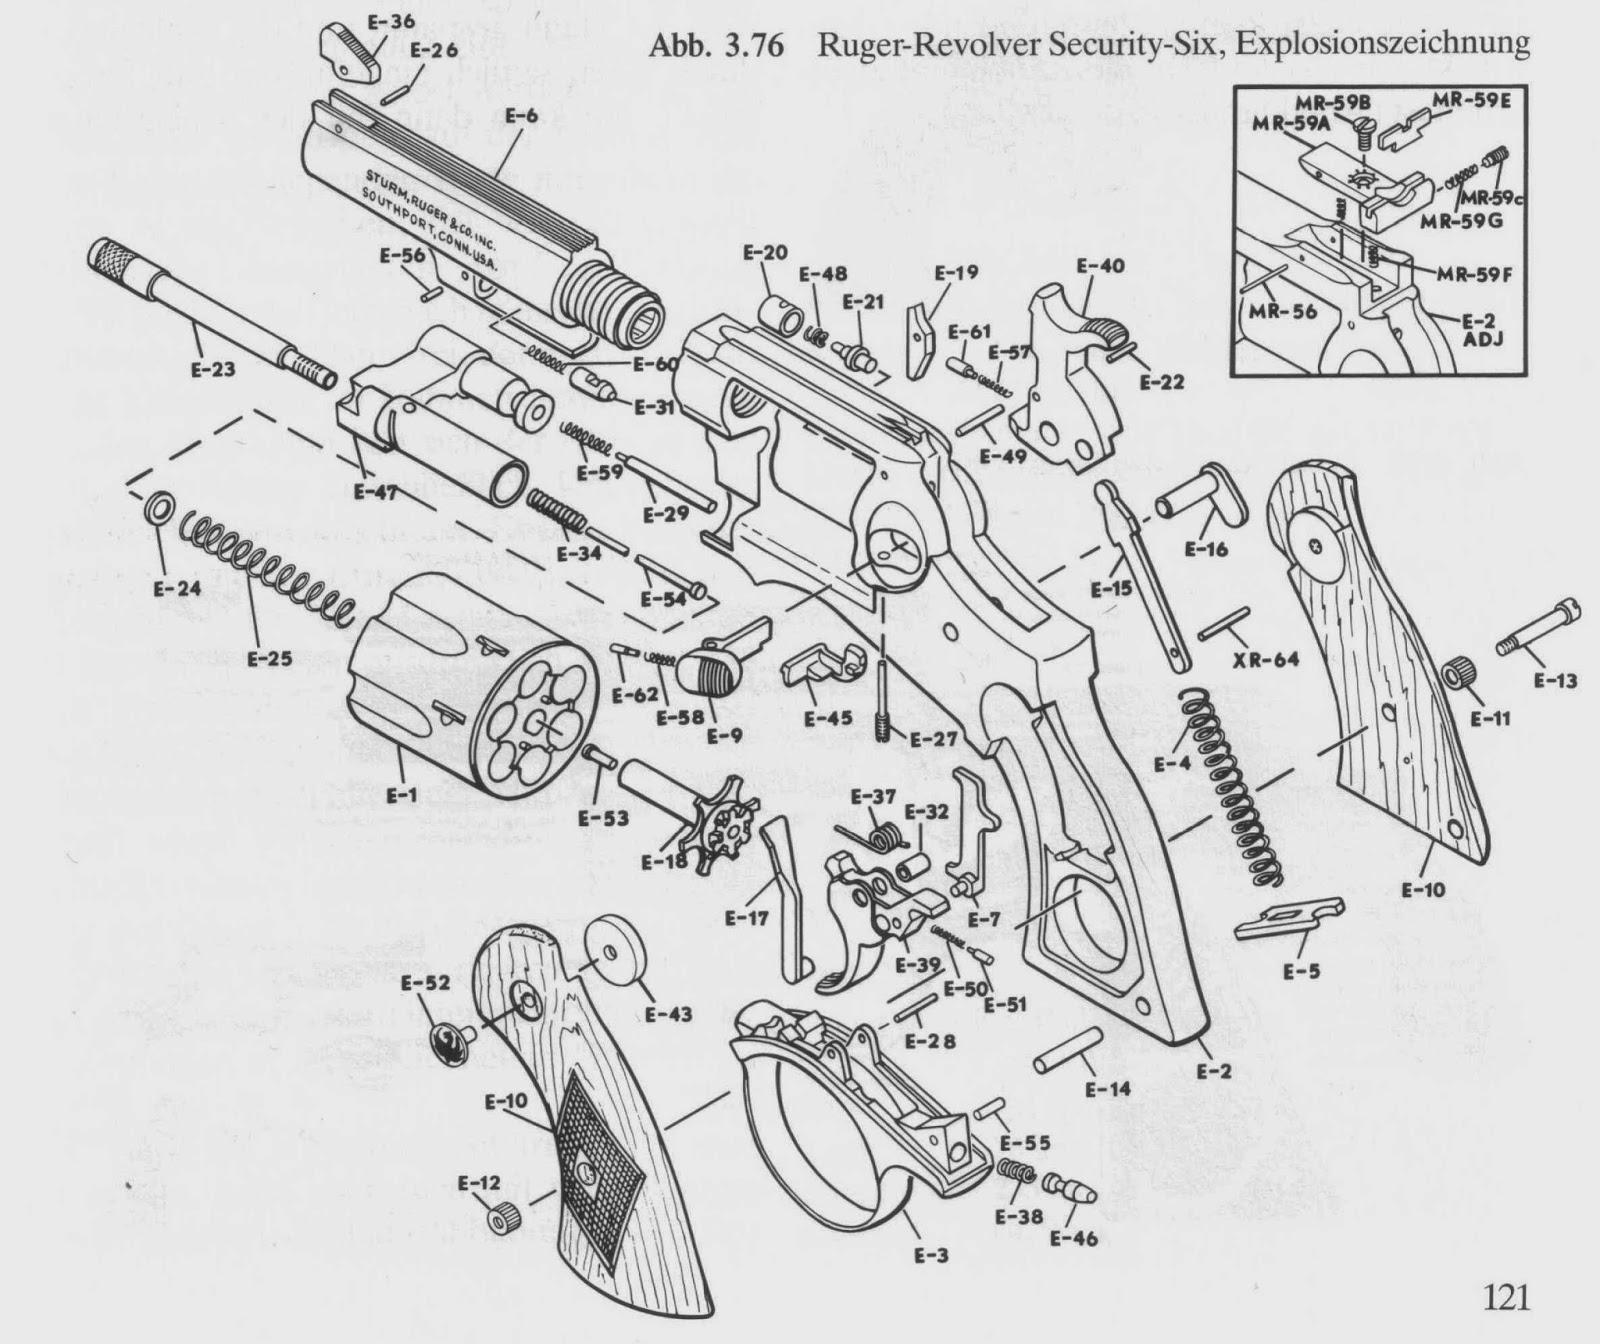 tincanbandit u0026 39 s gunsmithing  ruger u0026 39 s 1st double action